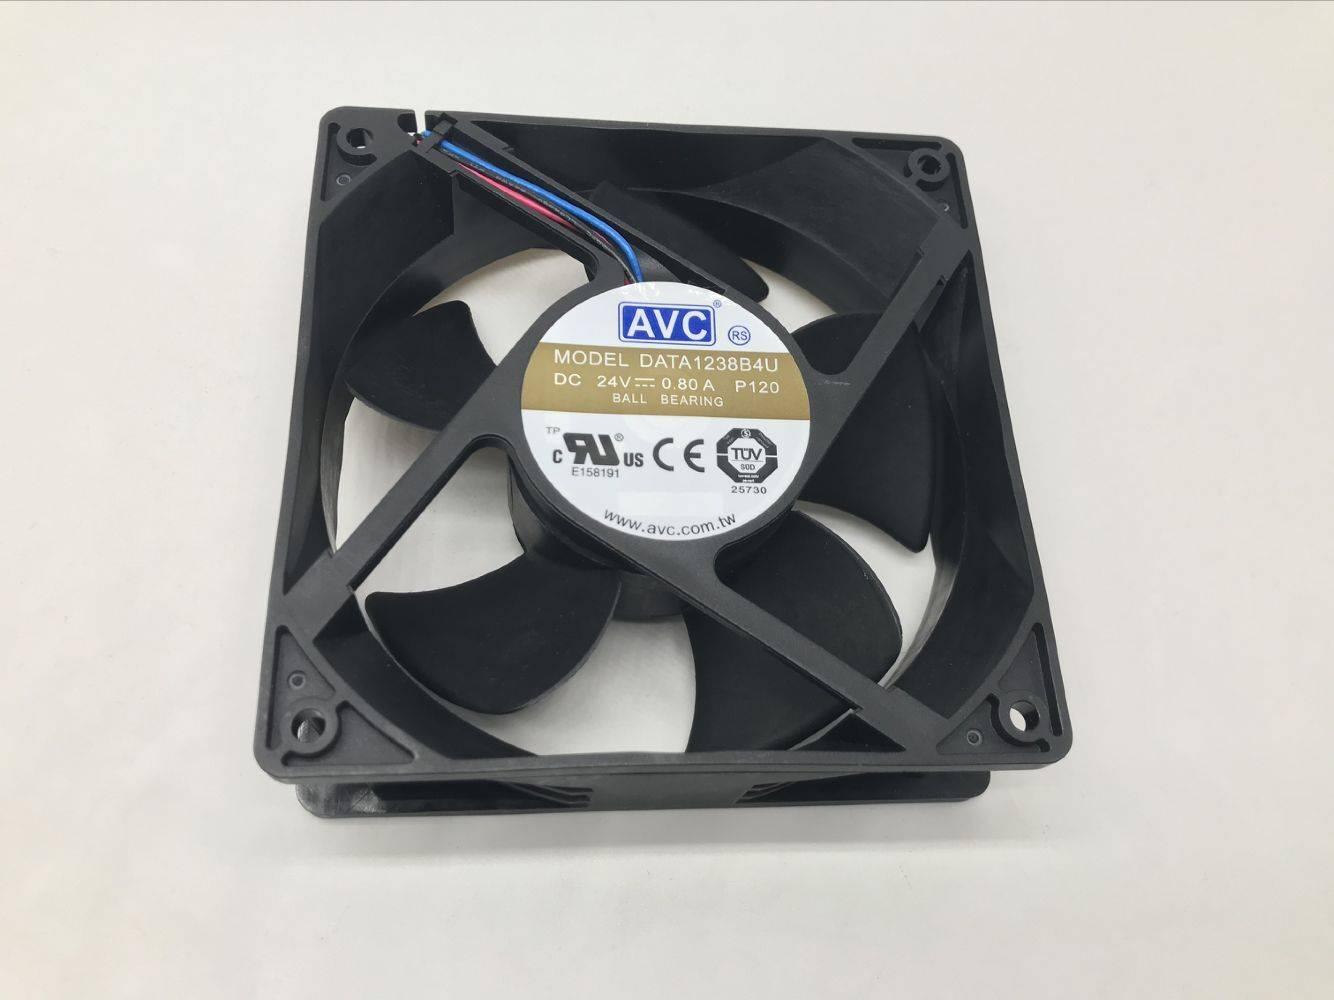 微型电机应用范围,EC风扇是什么,它有什么优点 ?_电机